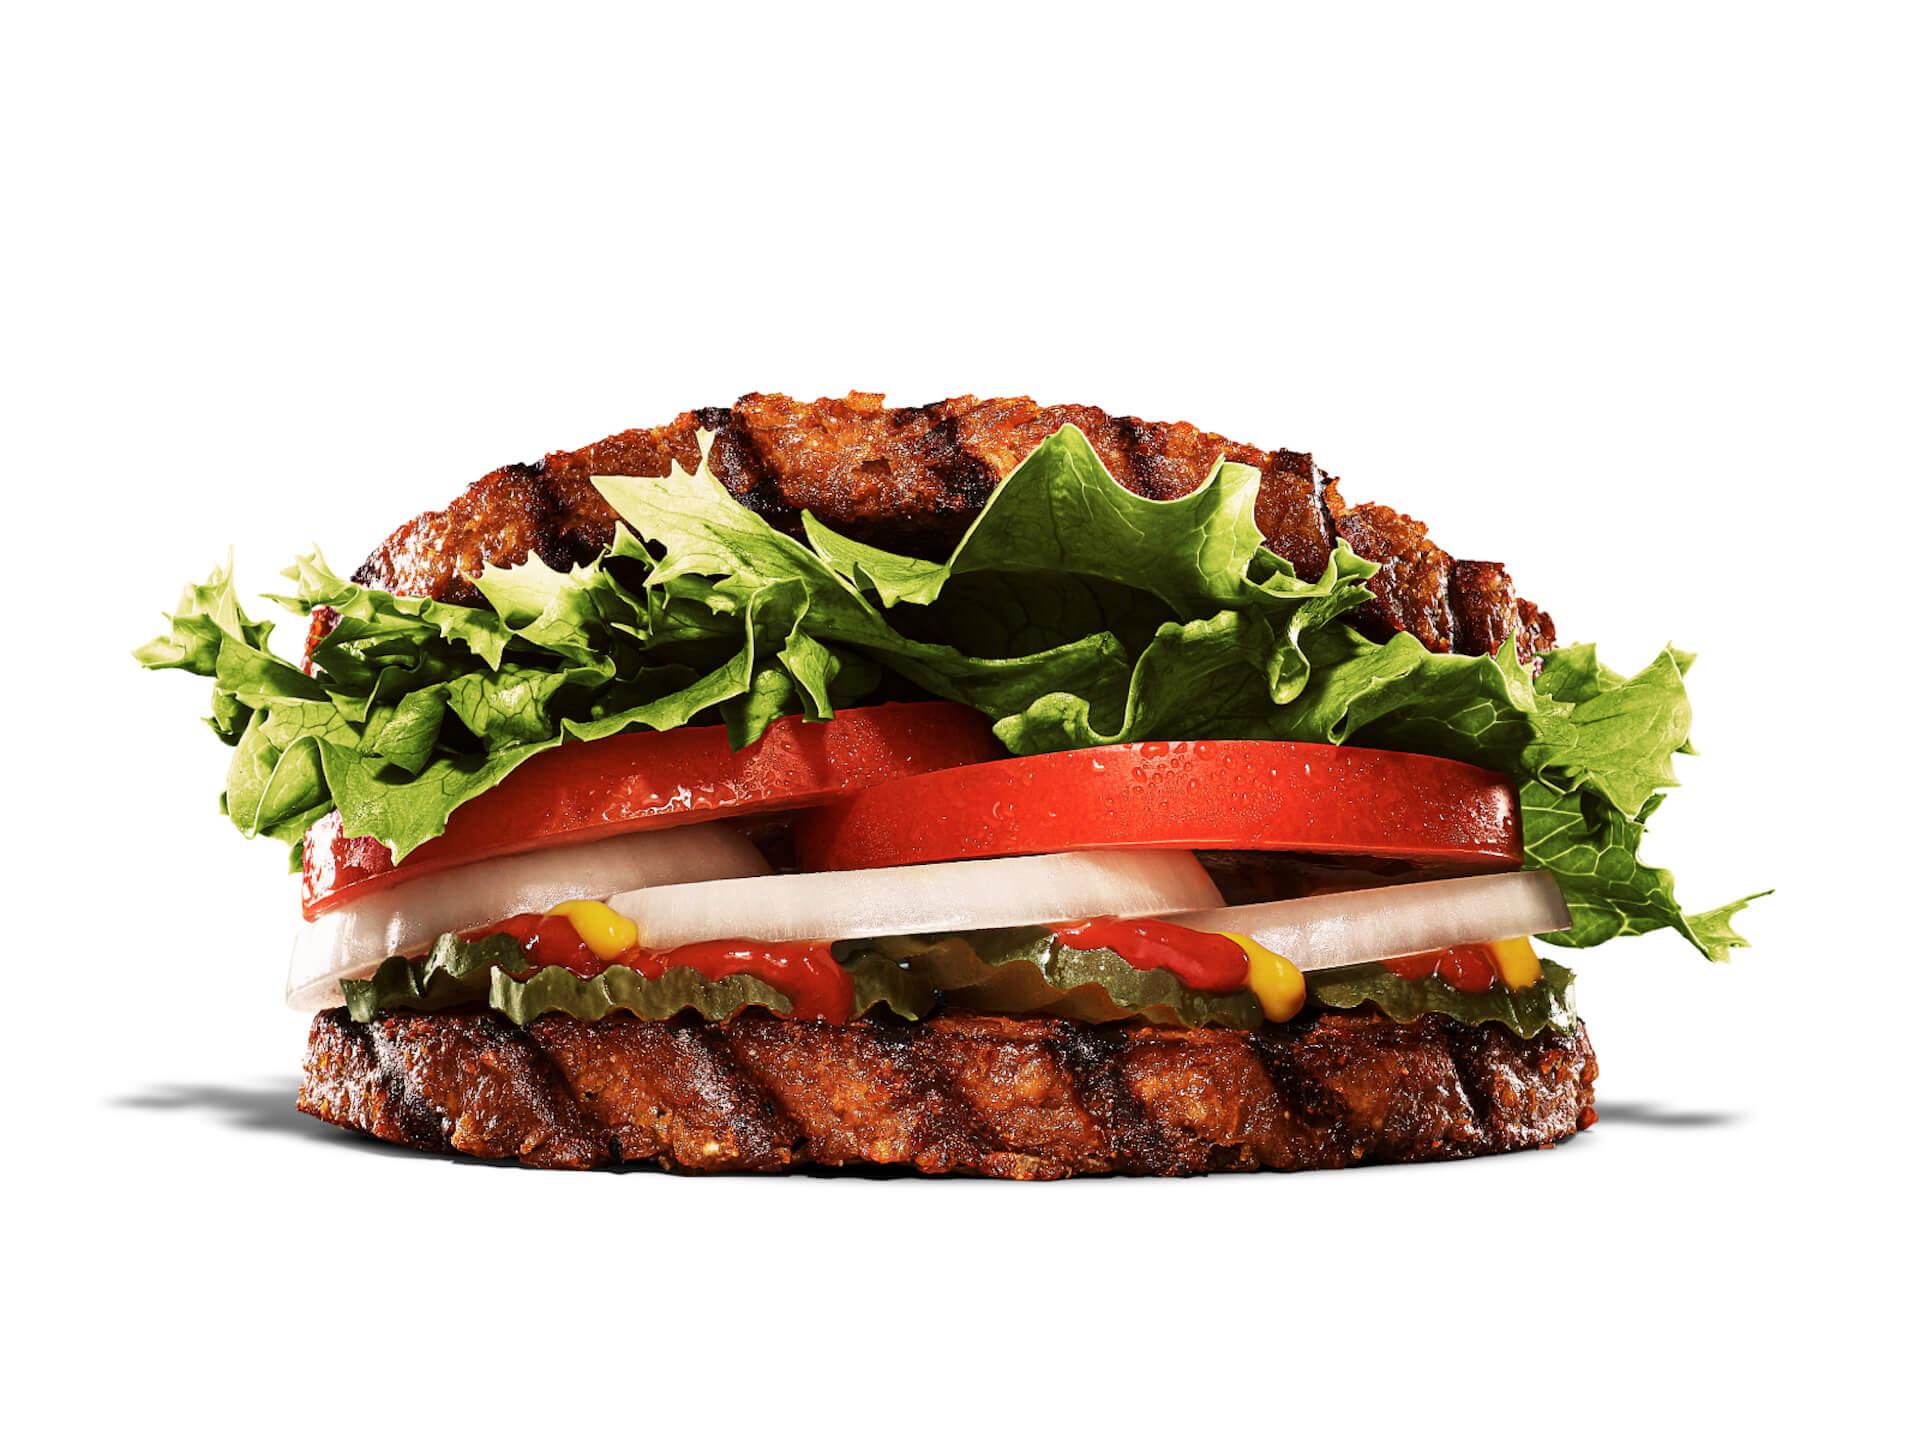 100%植物性パティ2枚で野菜をサンド!バーガーキングで『バージョン2ワッパー』が新発売 gourmet210805_burgerking_1